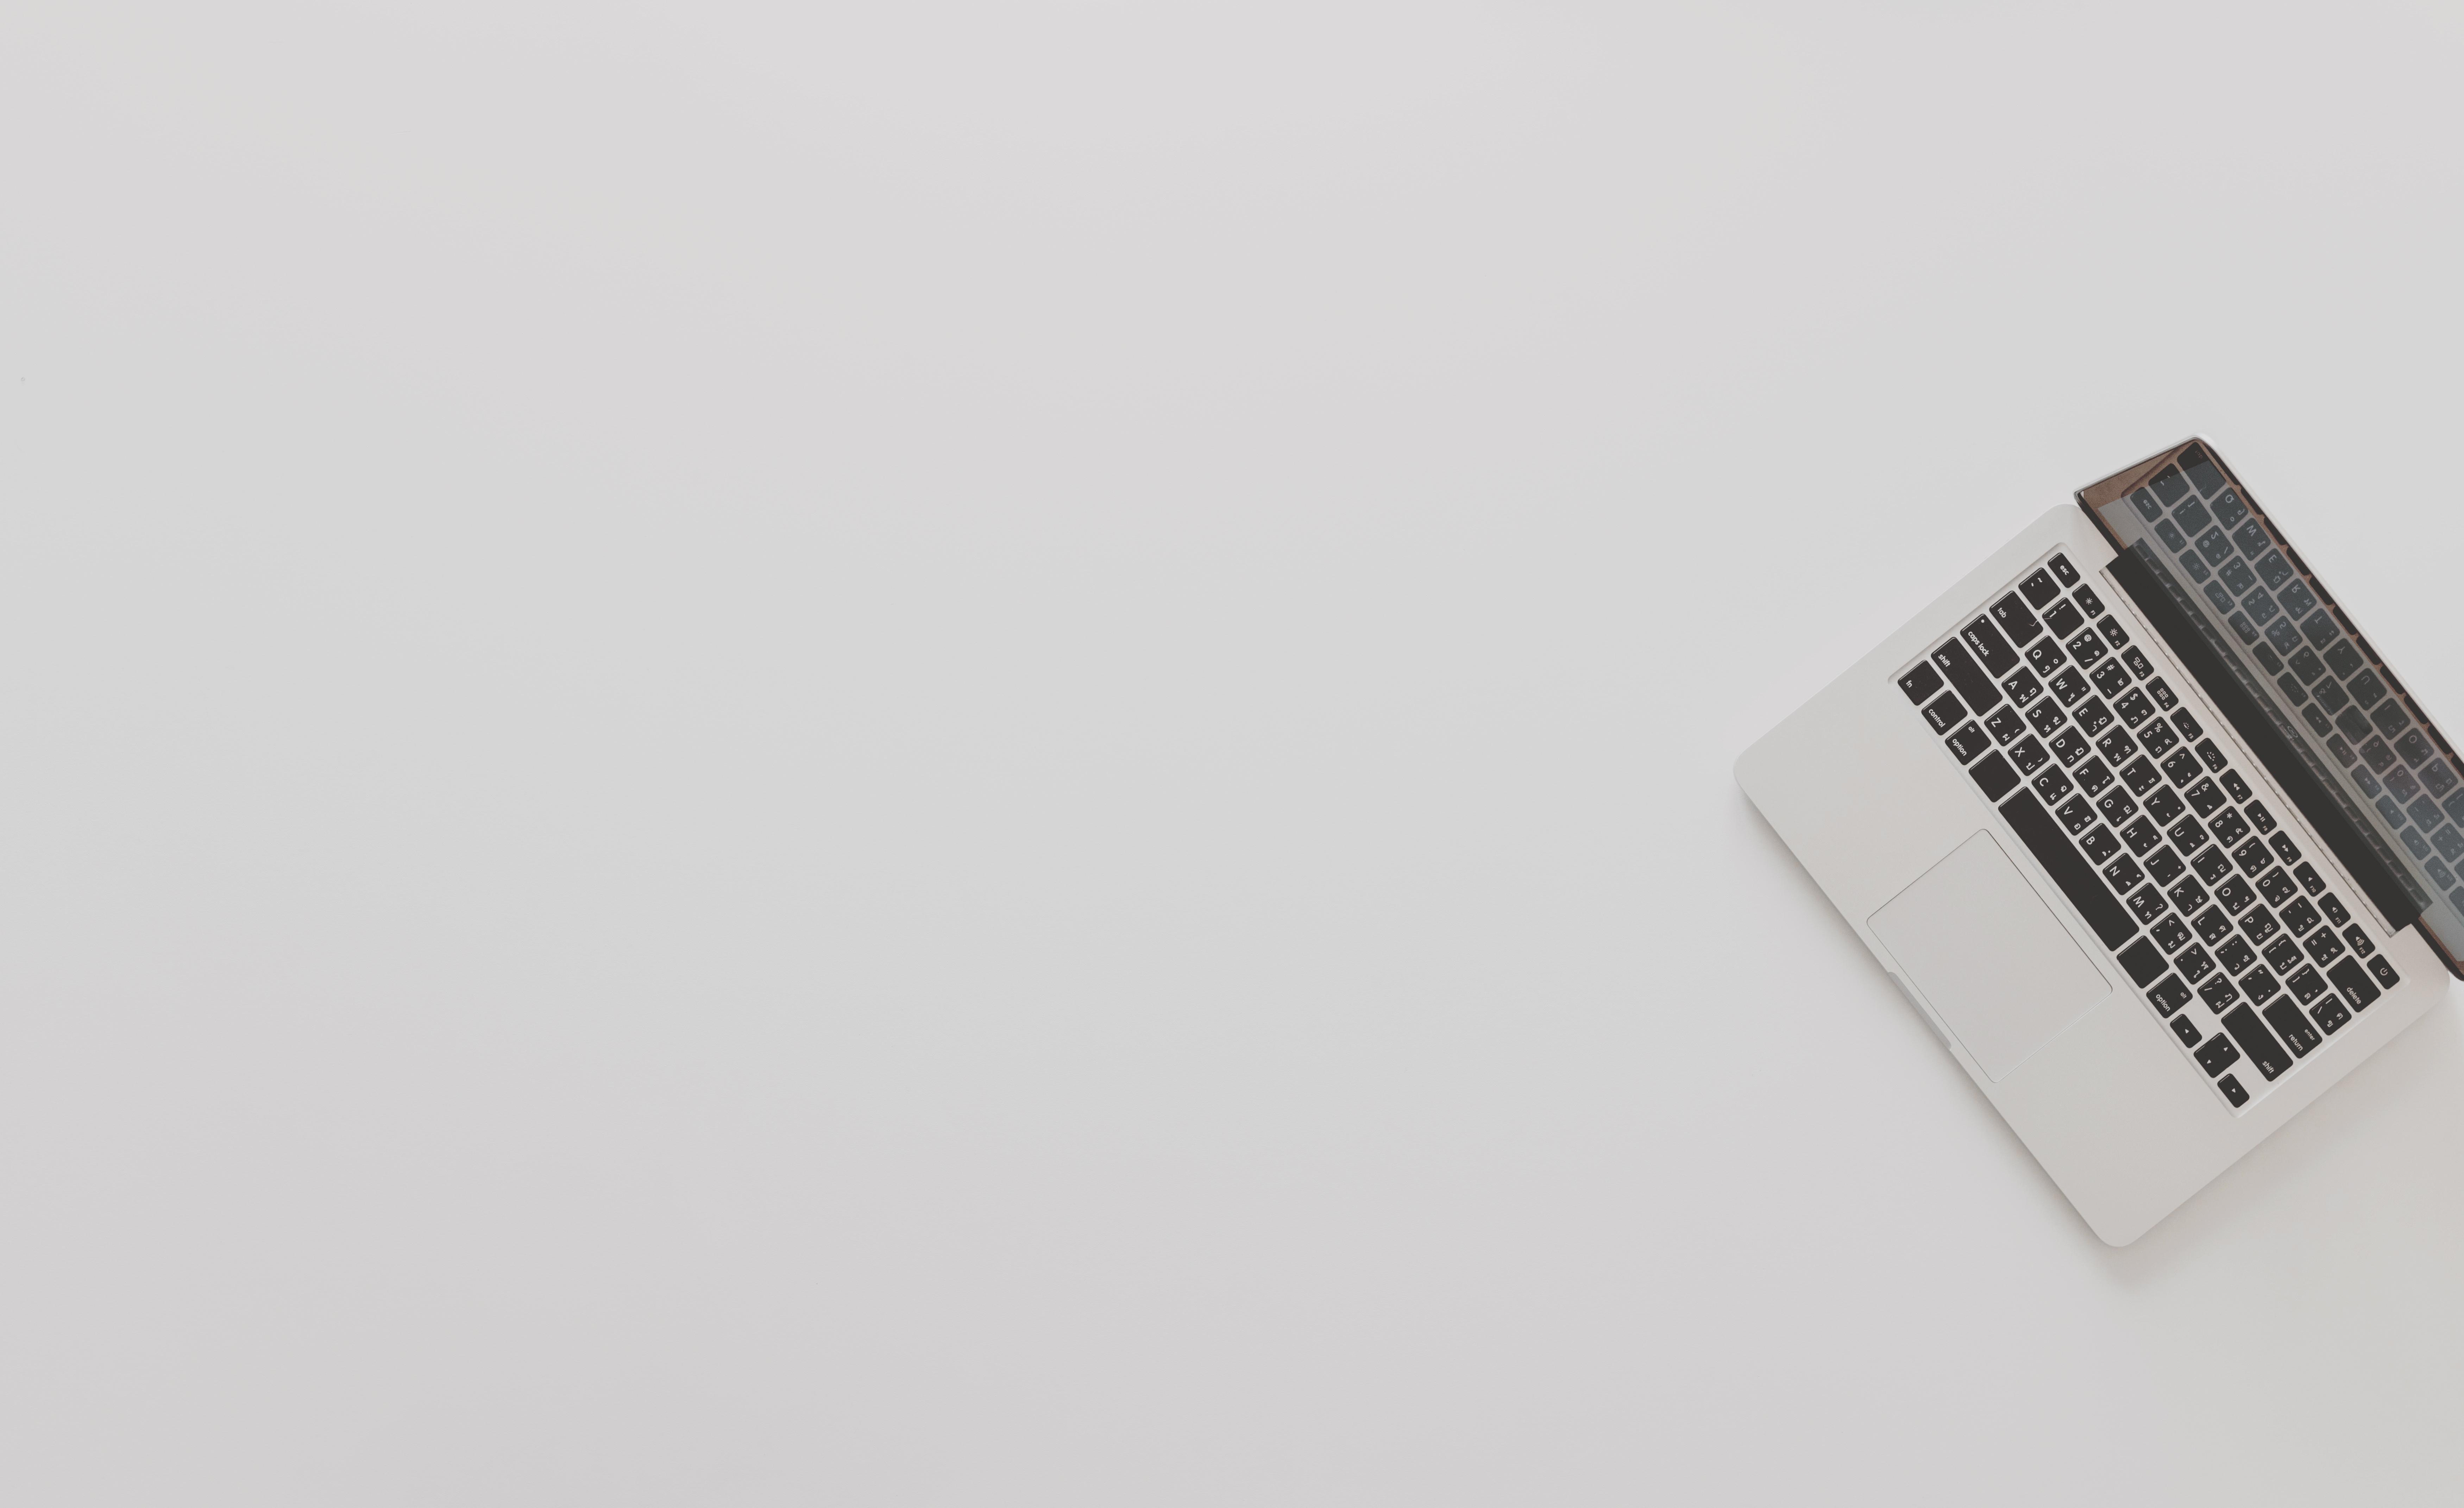 lacunza academia learnmos idiomas informatica digital